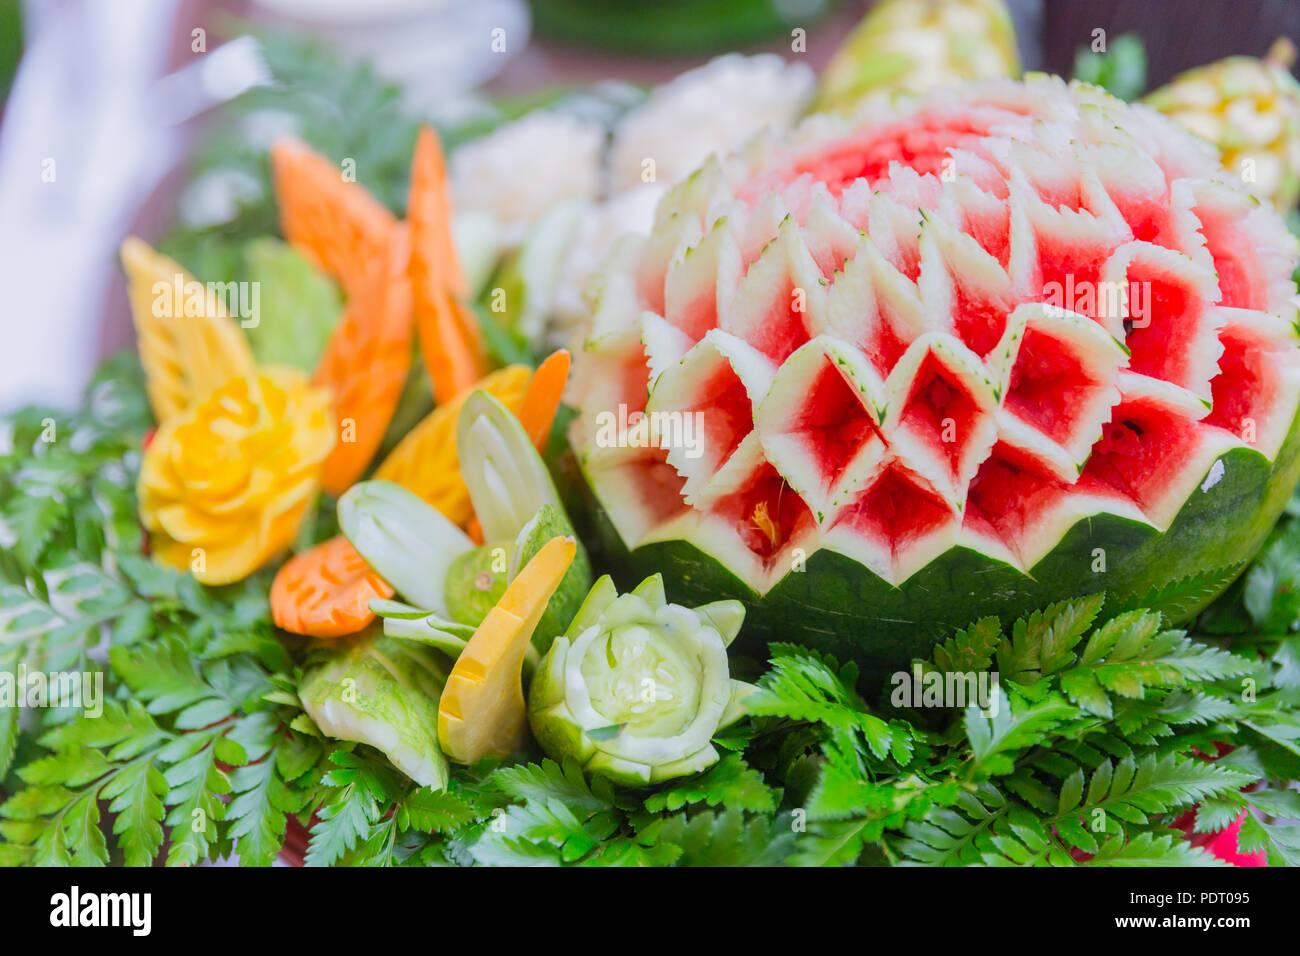 Thailandische Kuche Traditionelle Kunst Handwerk Gravieren Auf Obst